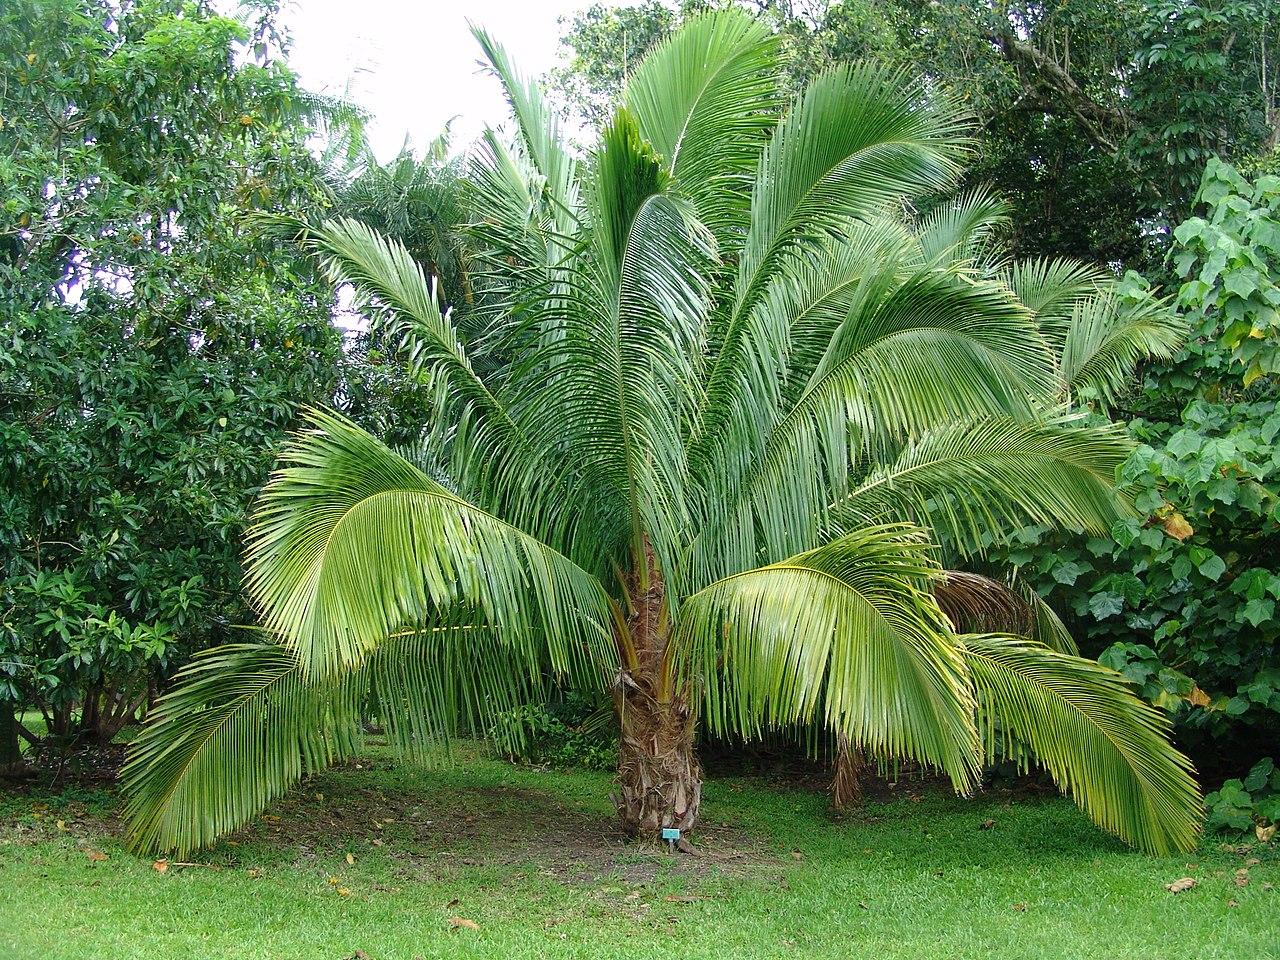 La Beccariophoenix alfredii es una palmera de hojas pinnadas